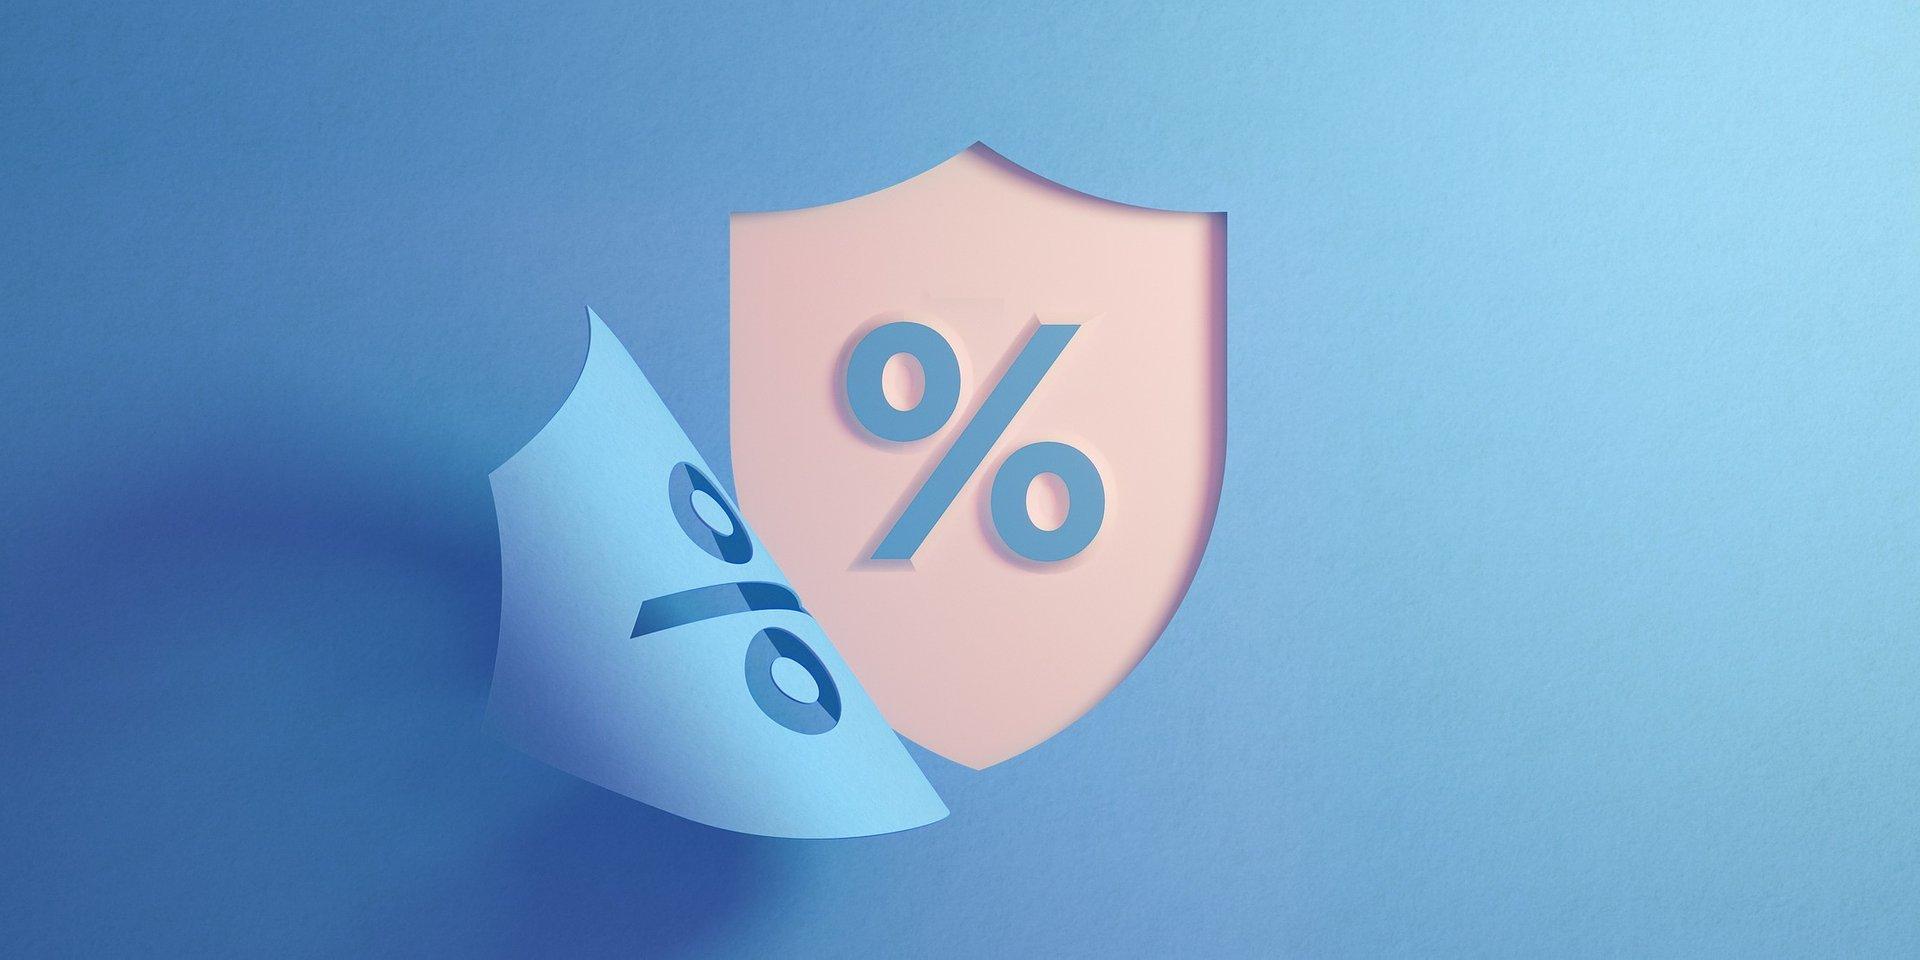 Rządowe dopłaty do oprocentowania kredytów już dostępne